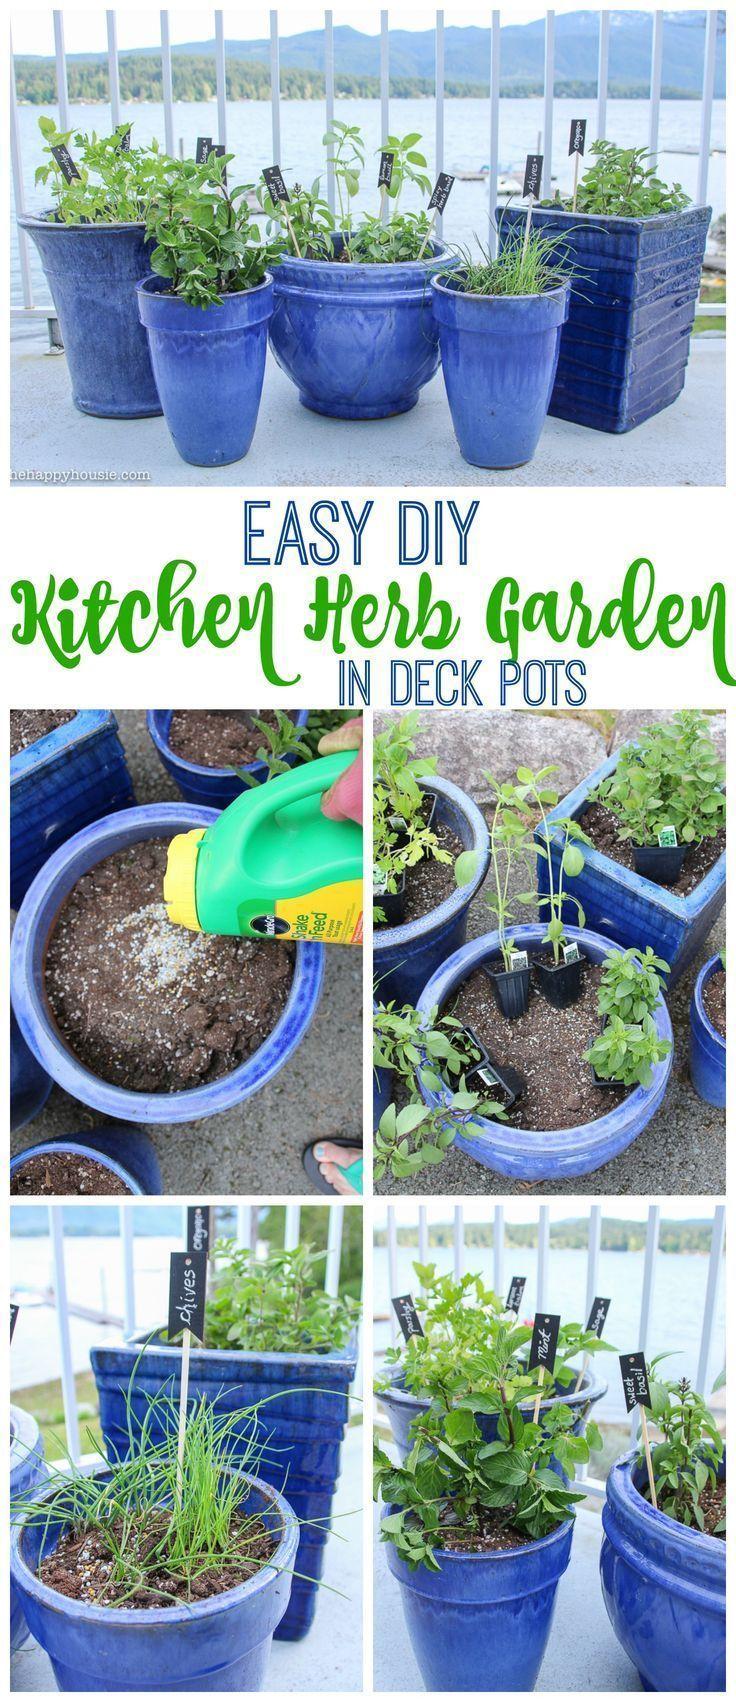 Easy DIY Kitchen Herb Garden in Deck Pots - The Happy Housie